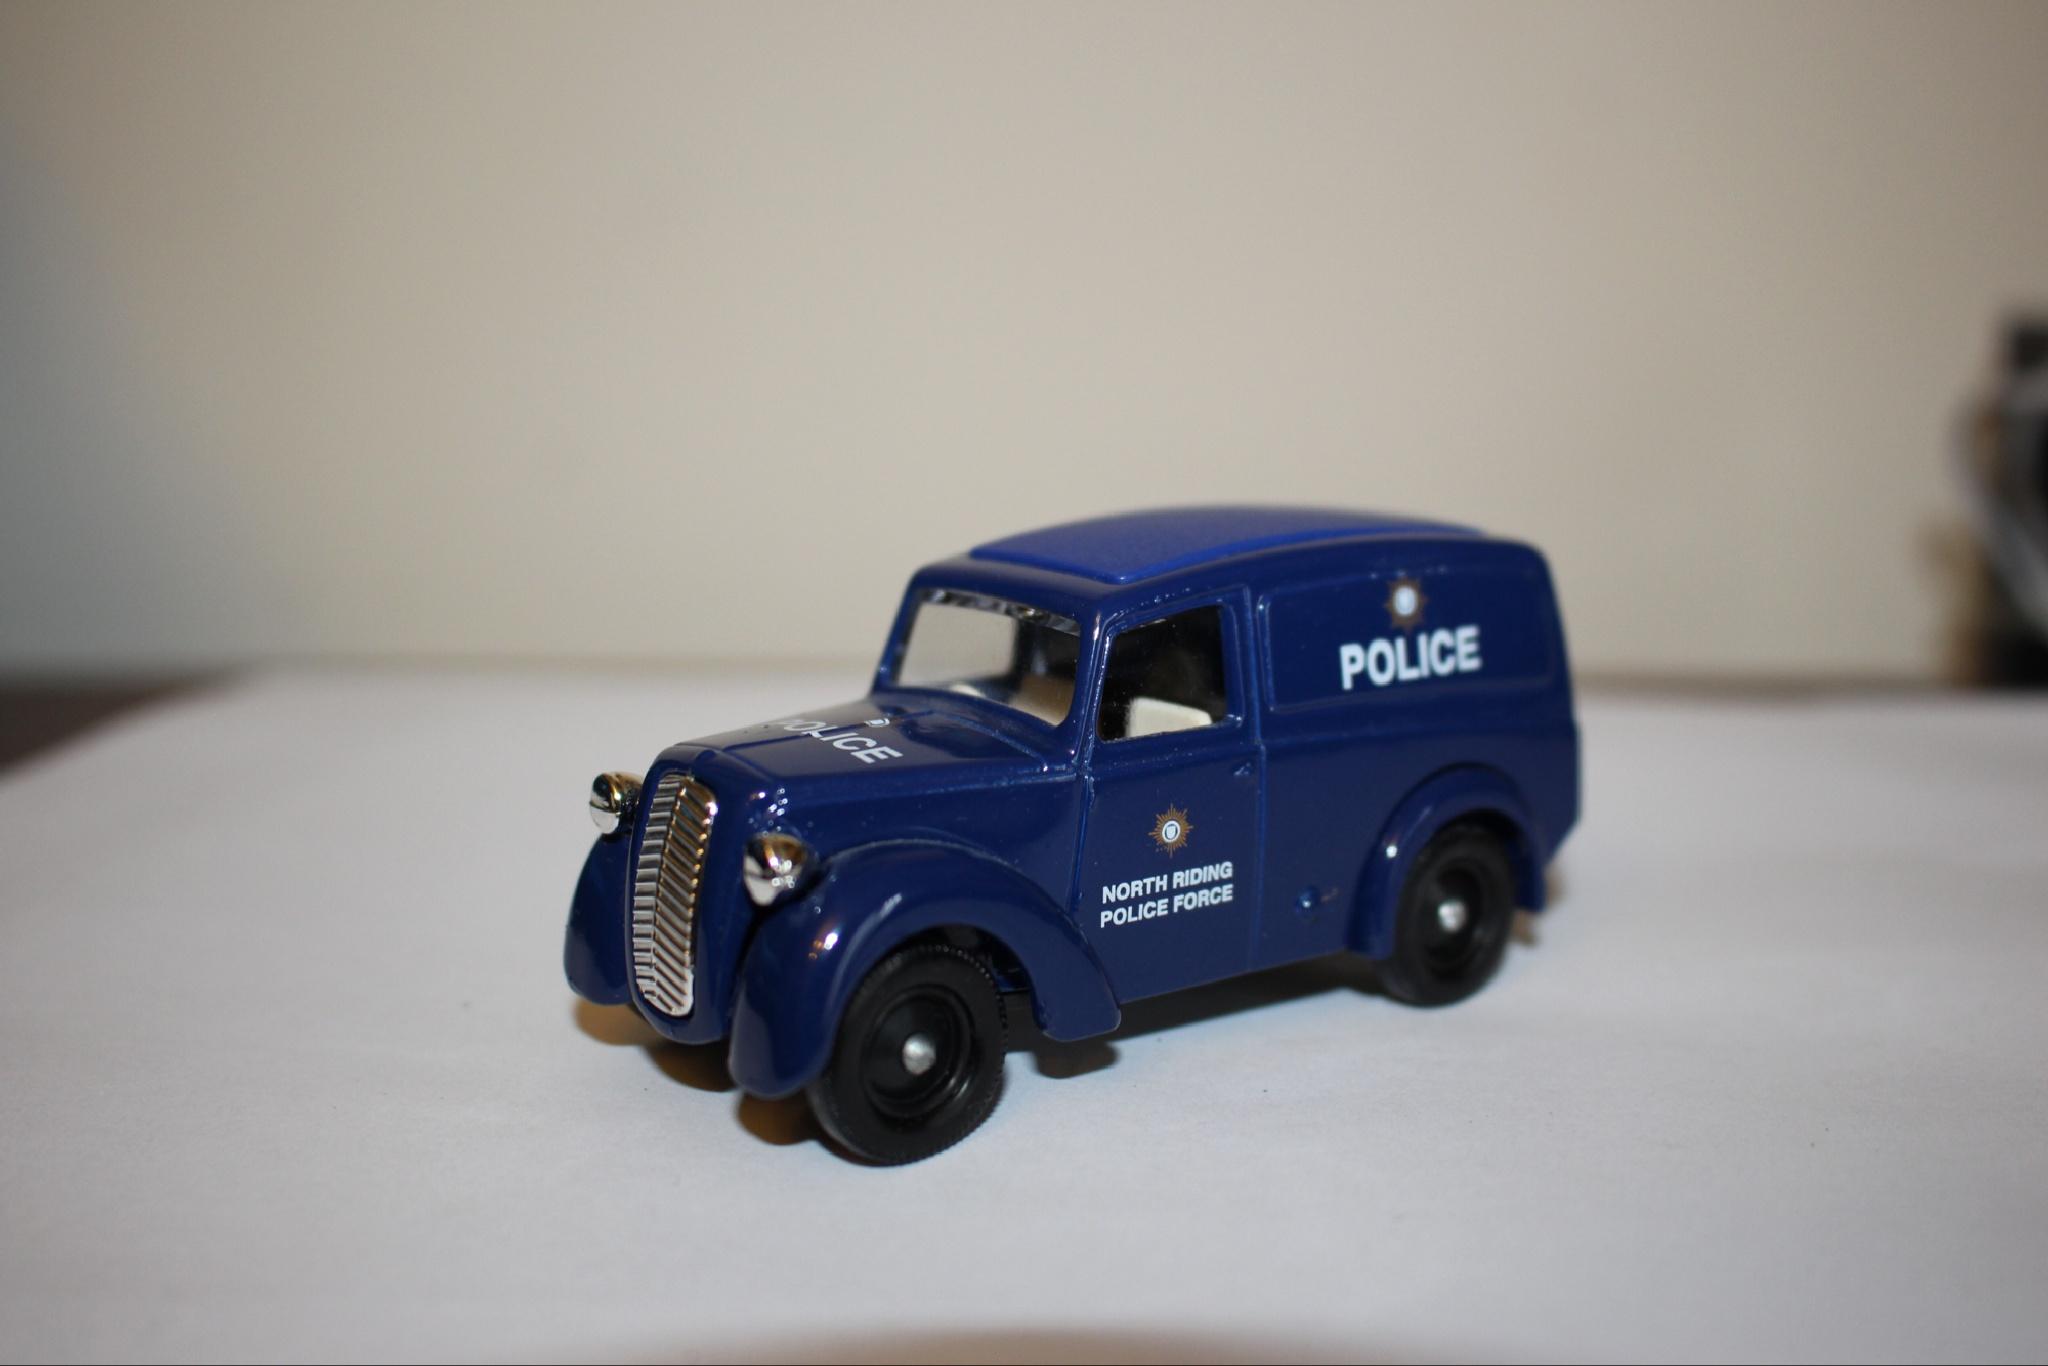 Police van by Terry Reynolds